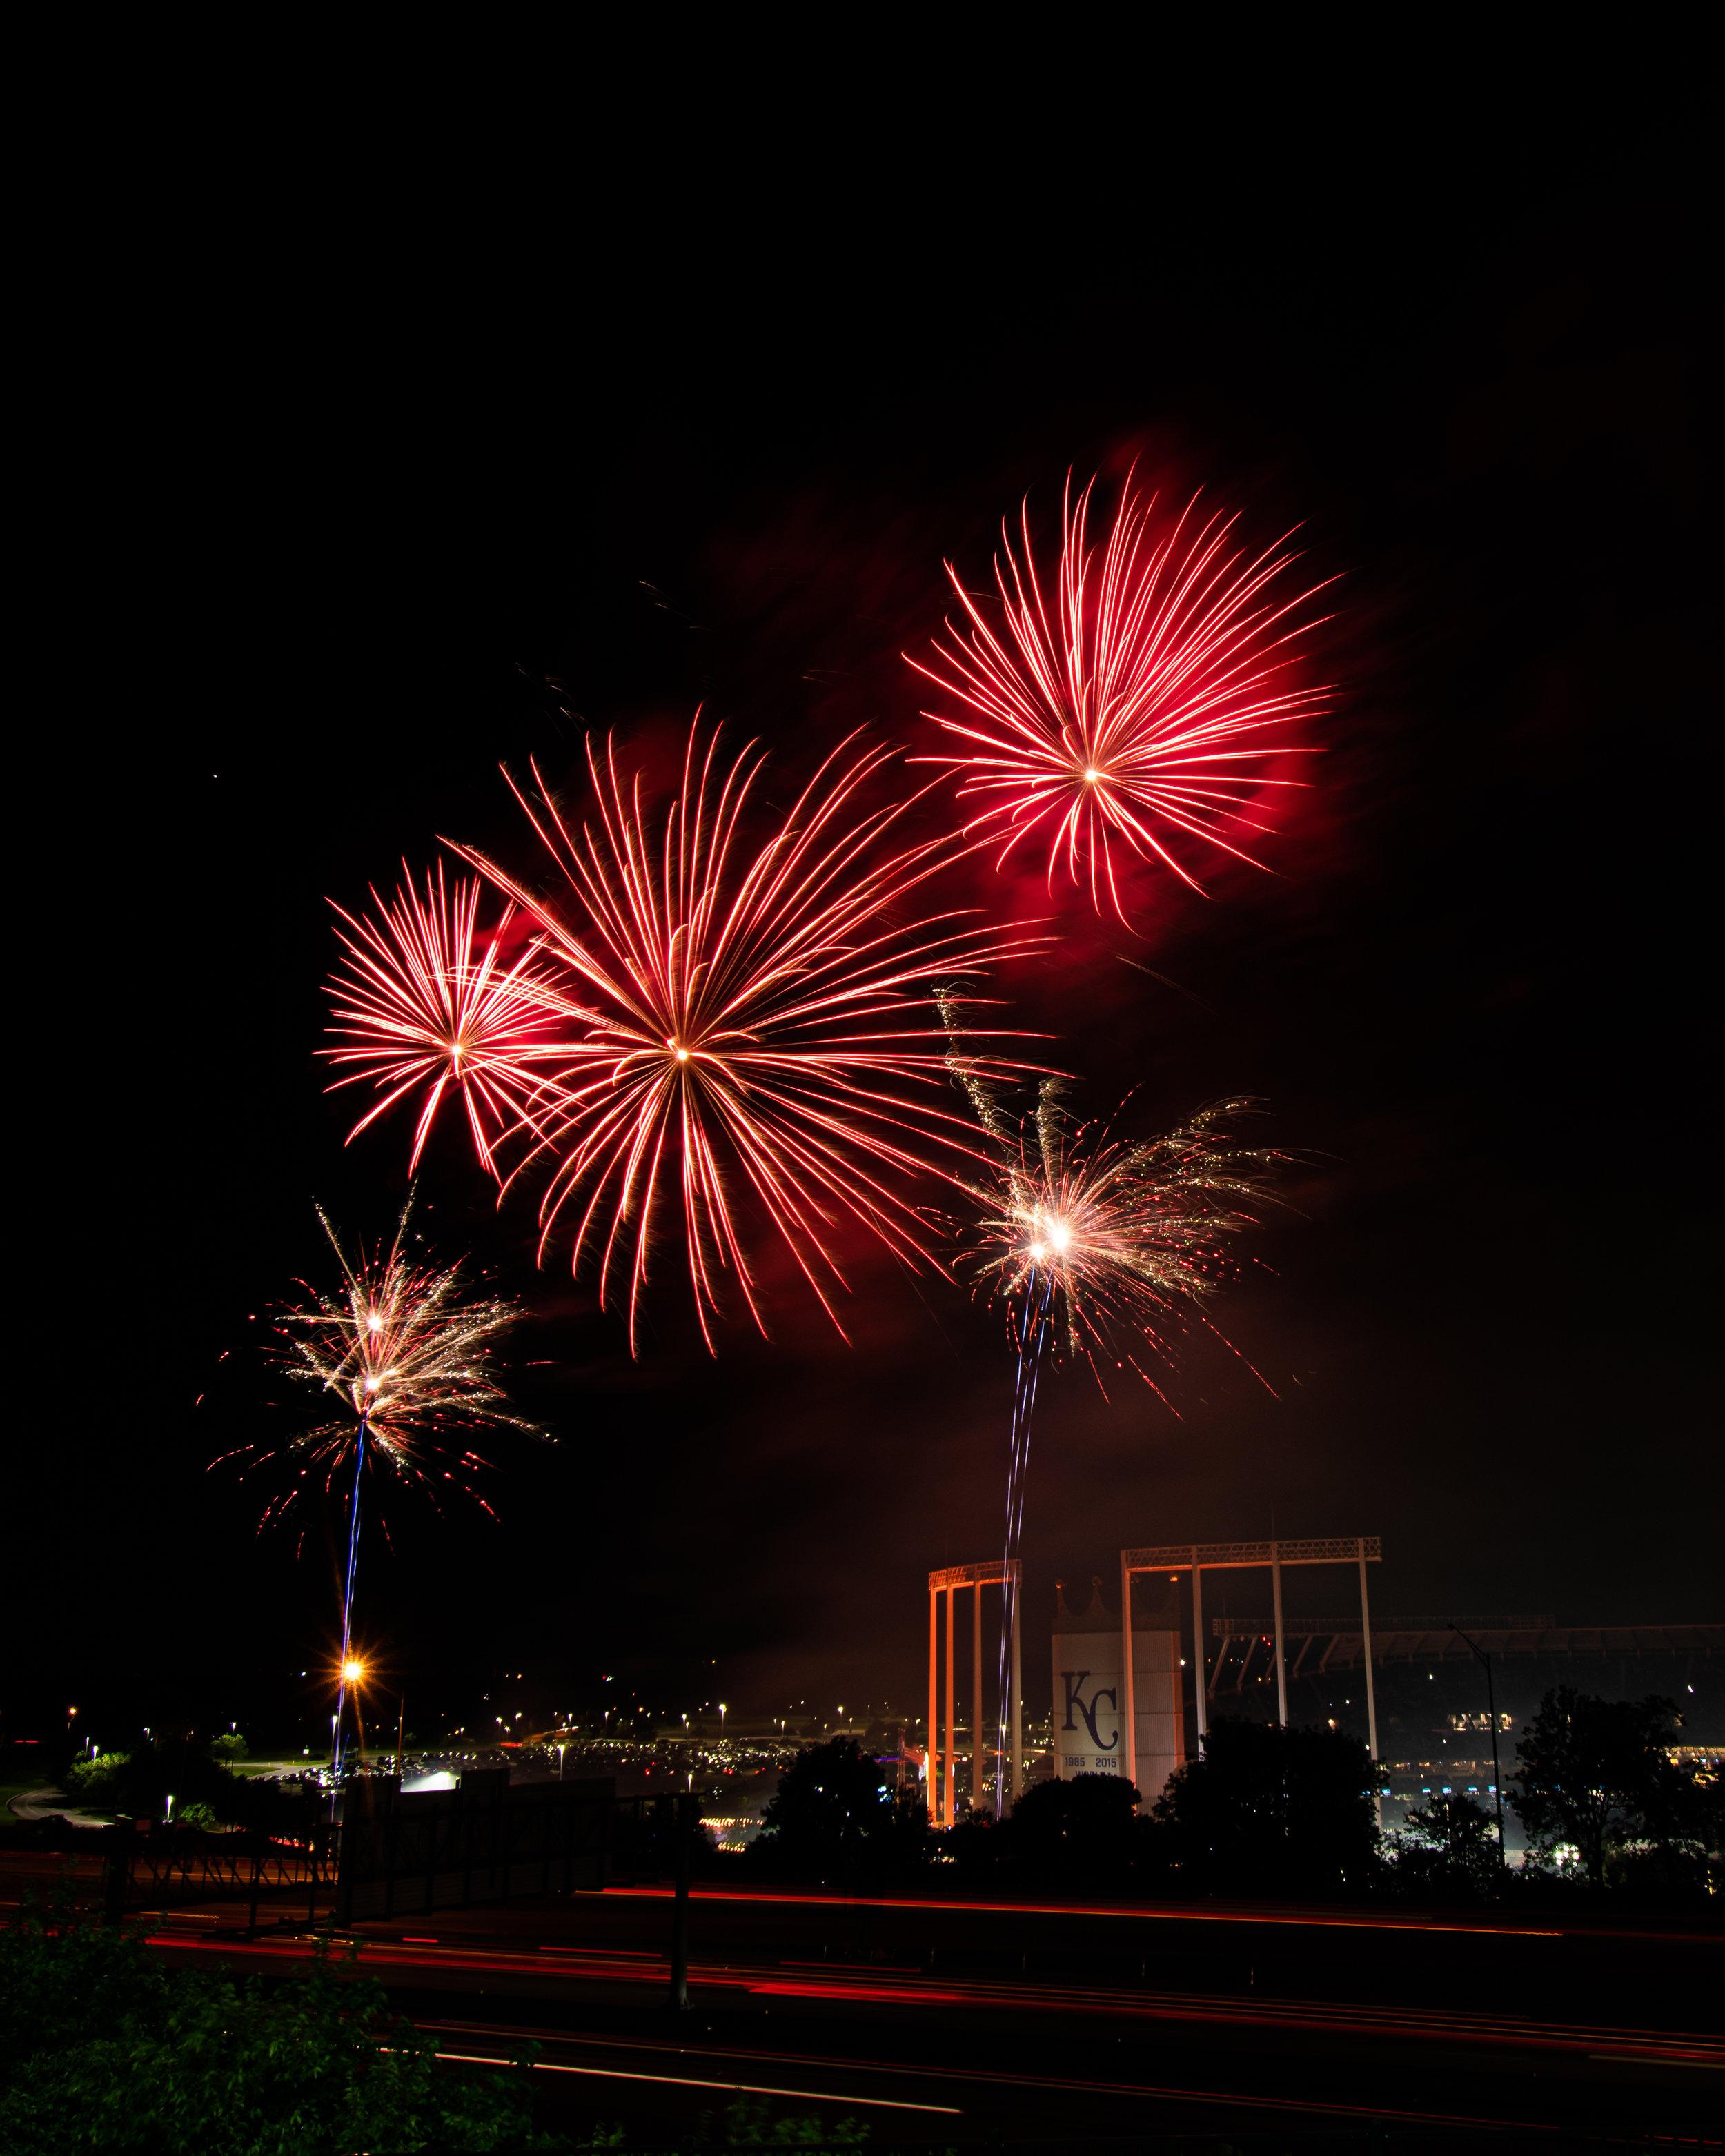 firework-friday-5-of-51_48108324288_o.jpg